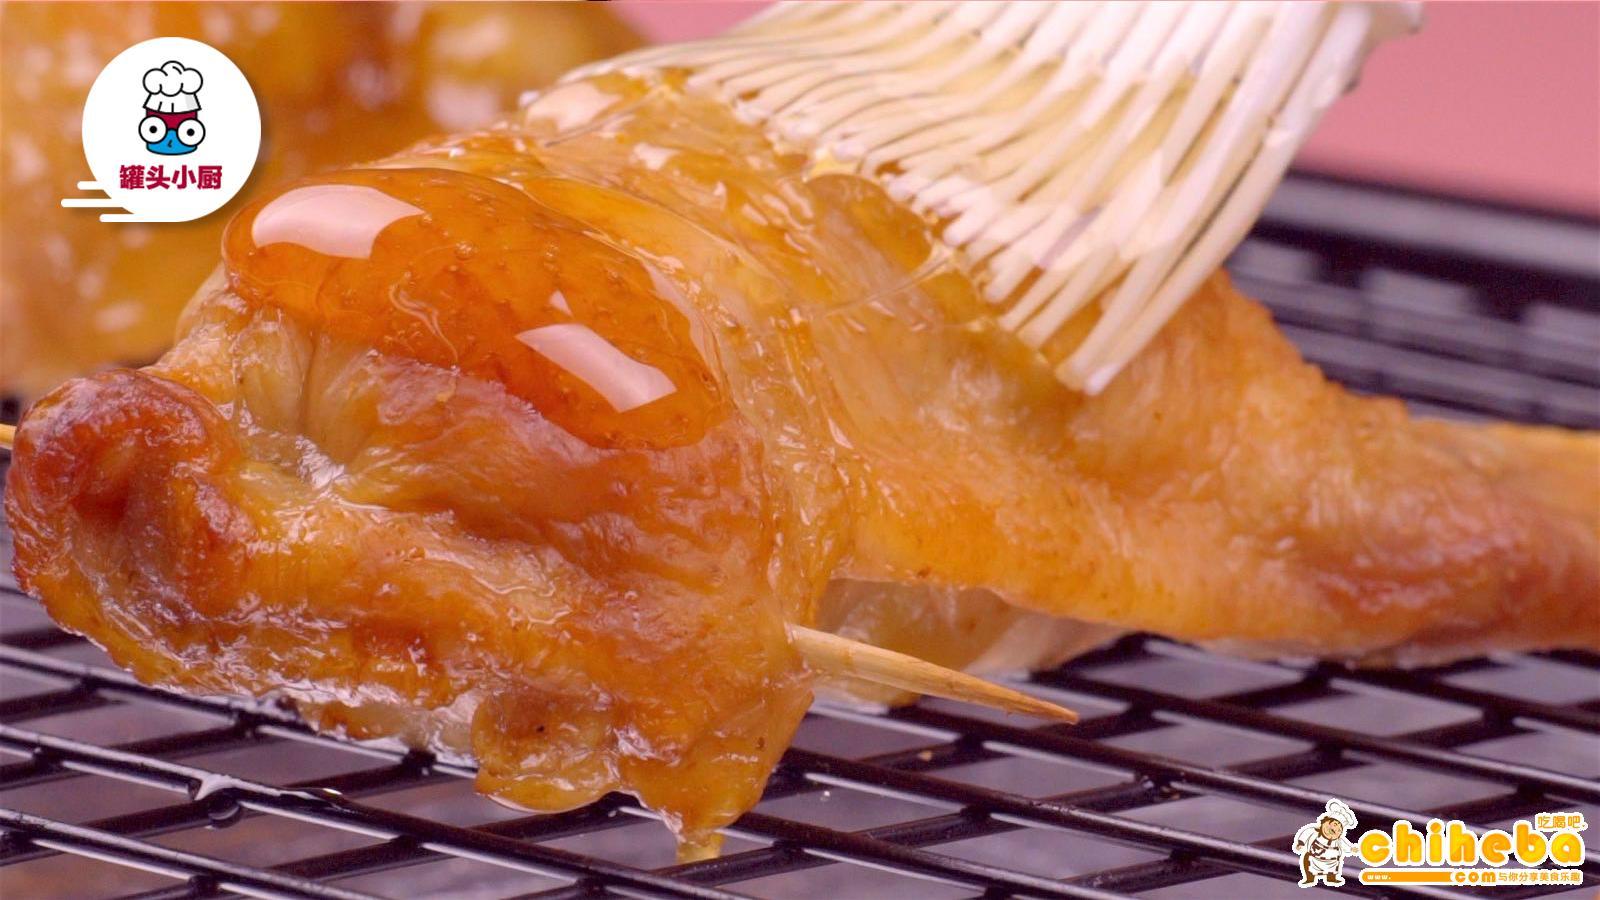 懒人版台湾灵魂小吃——鸡翅包饭的做法 步骤5